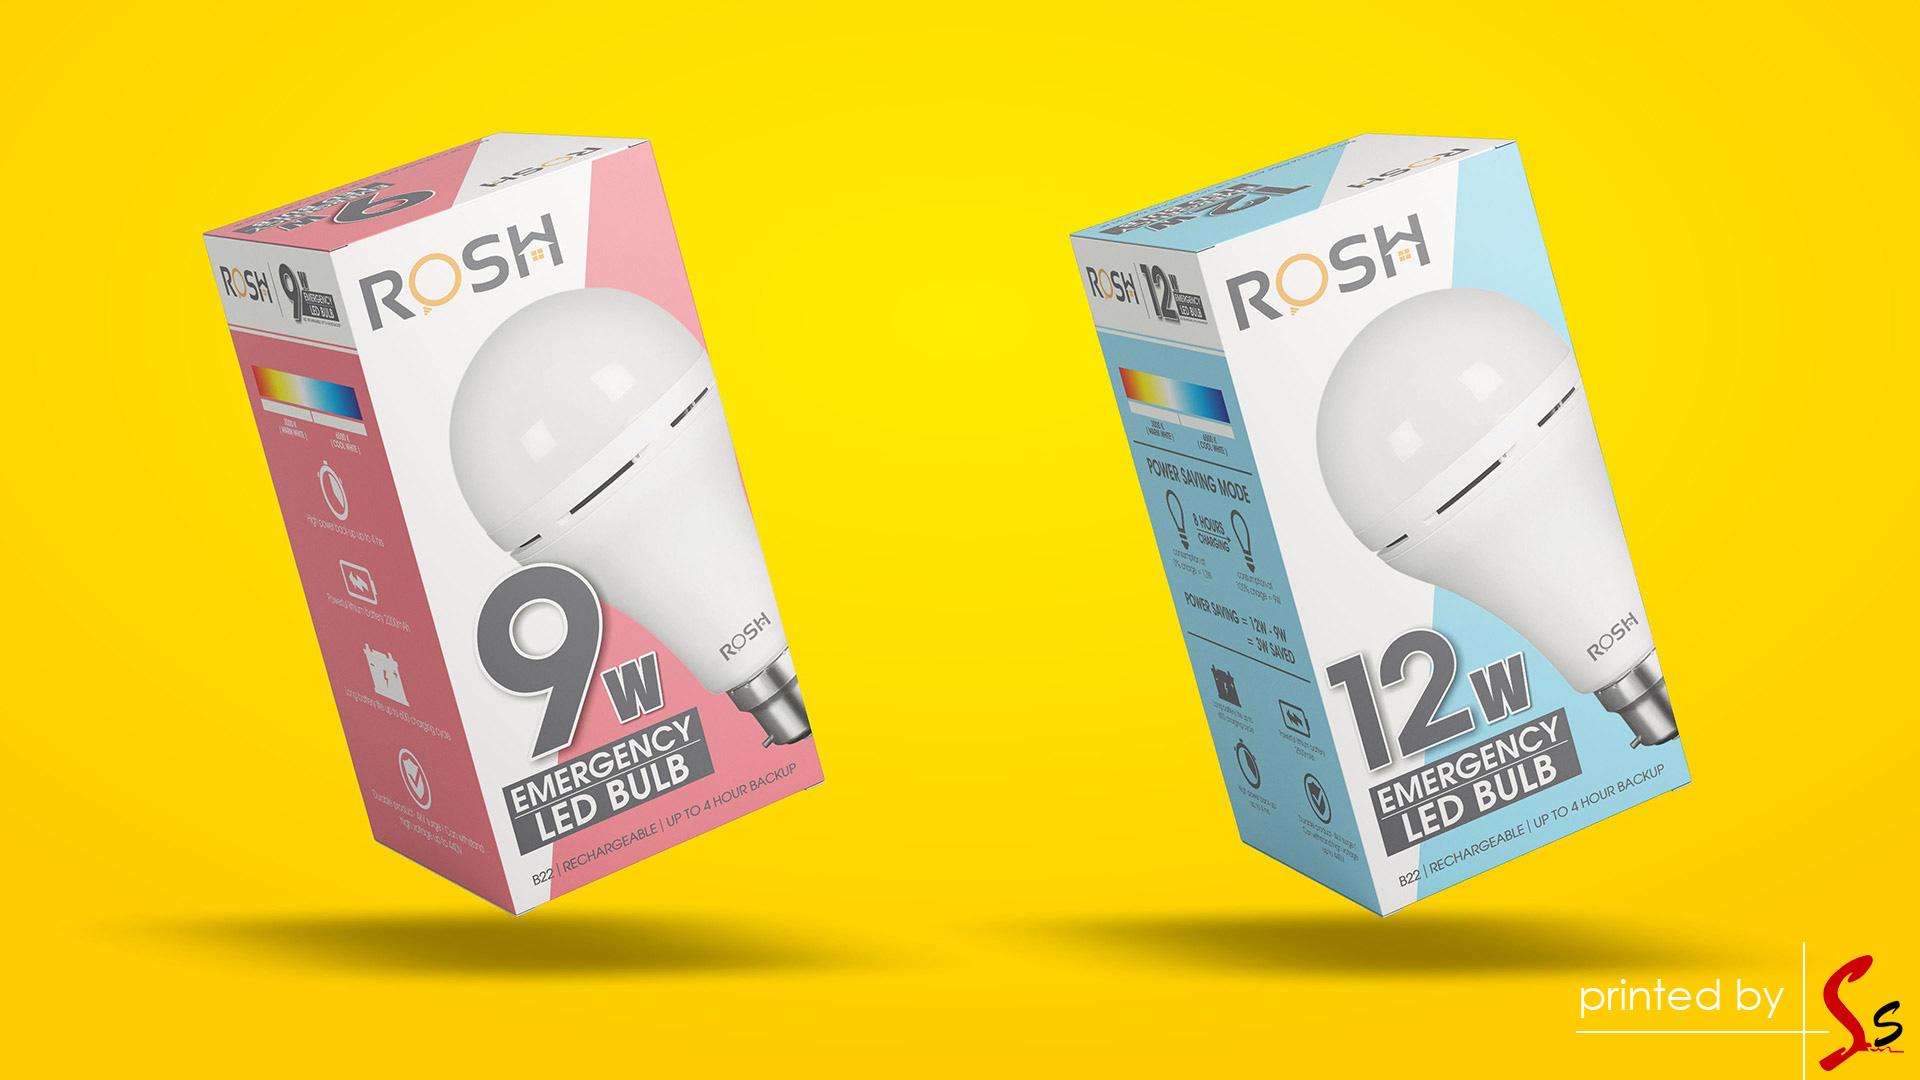 Rosh Led Box